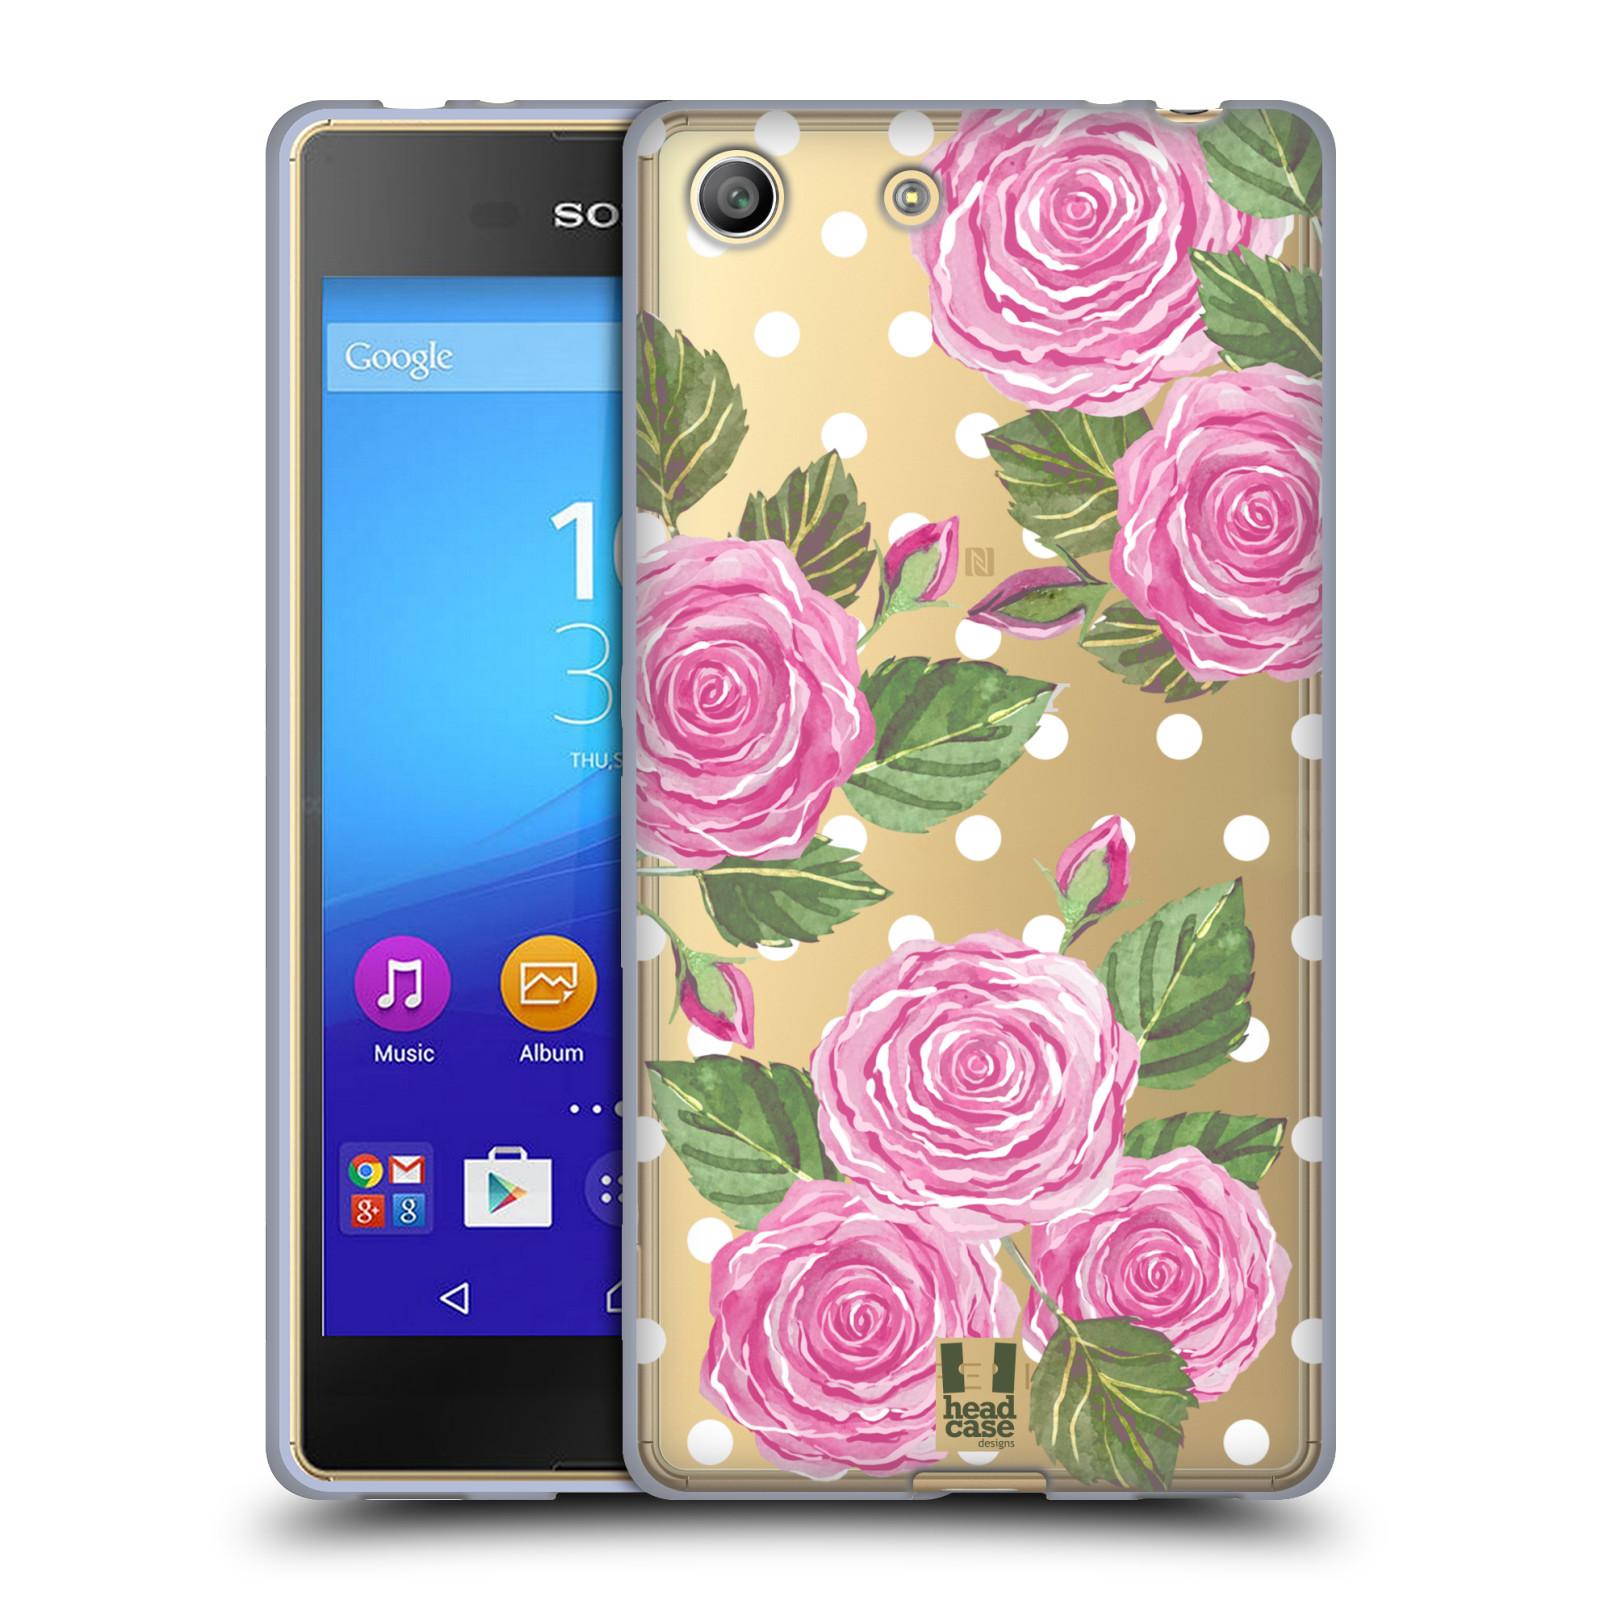 Silikonové pouzdro na mobil Sony Xperia M5 - Head Case - Hezoučké růžičky - průhledné